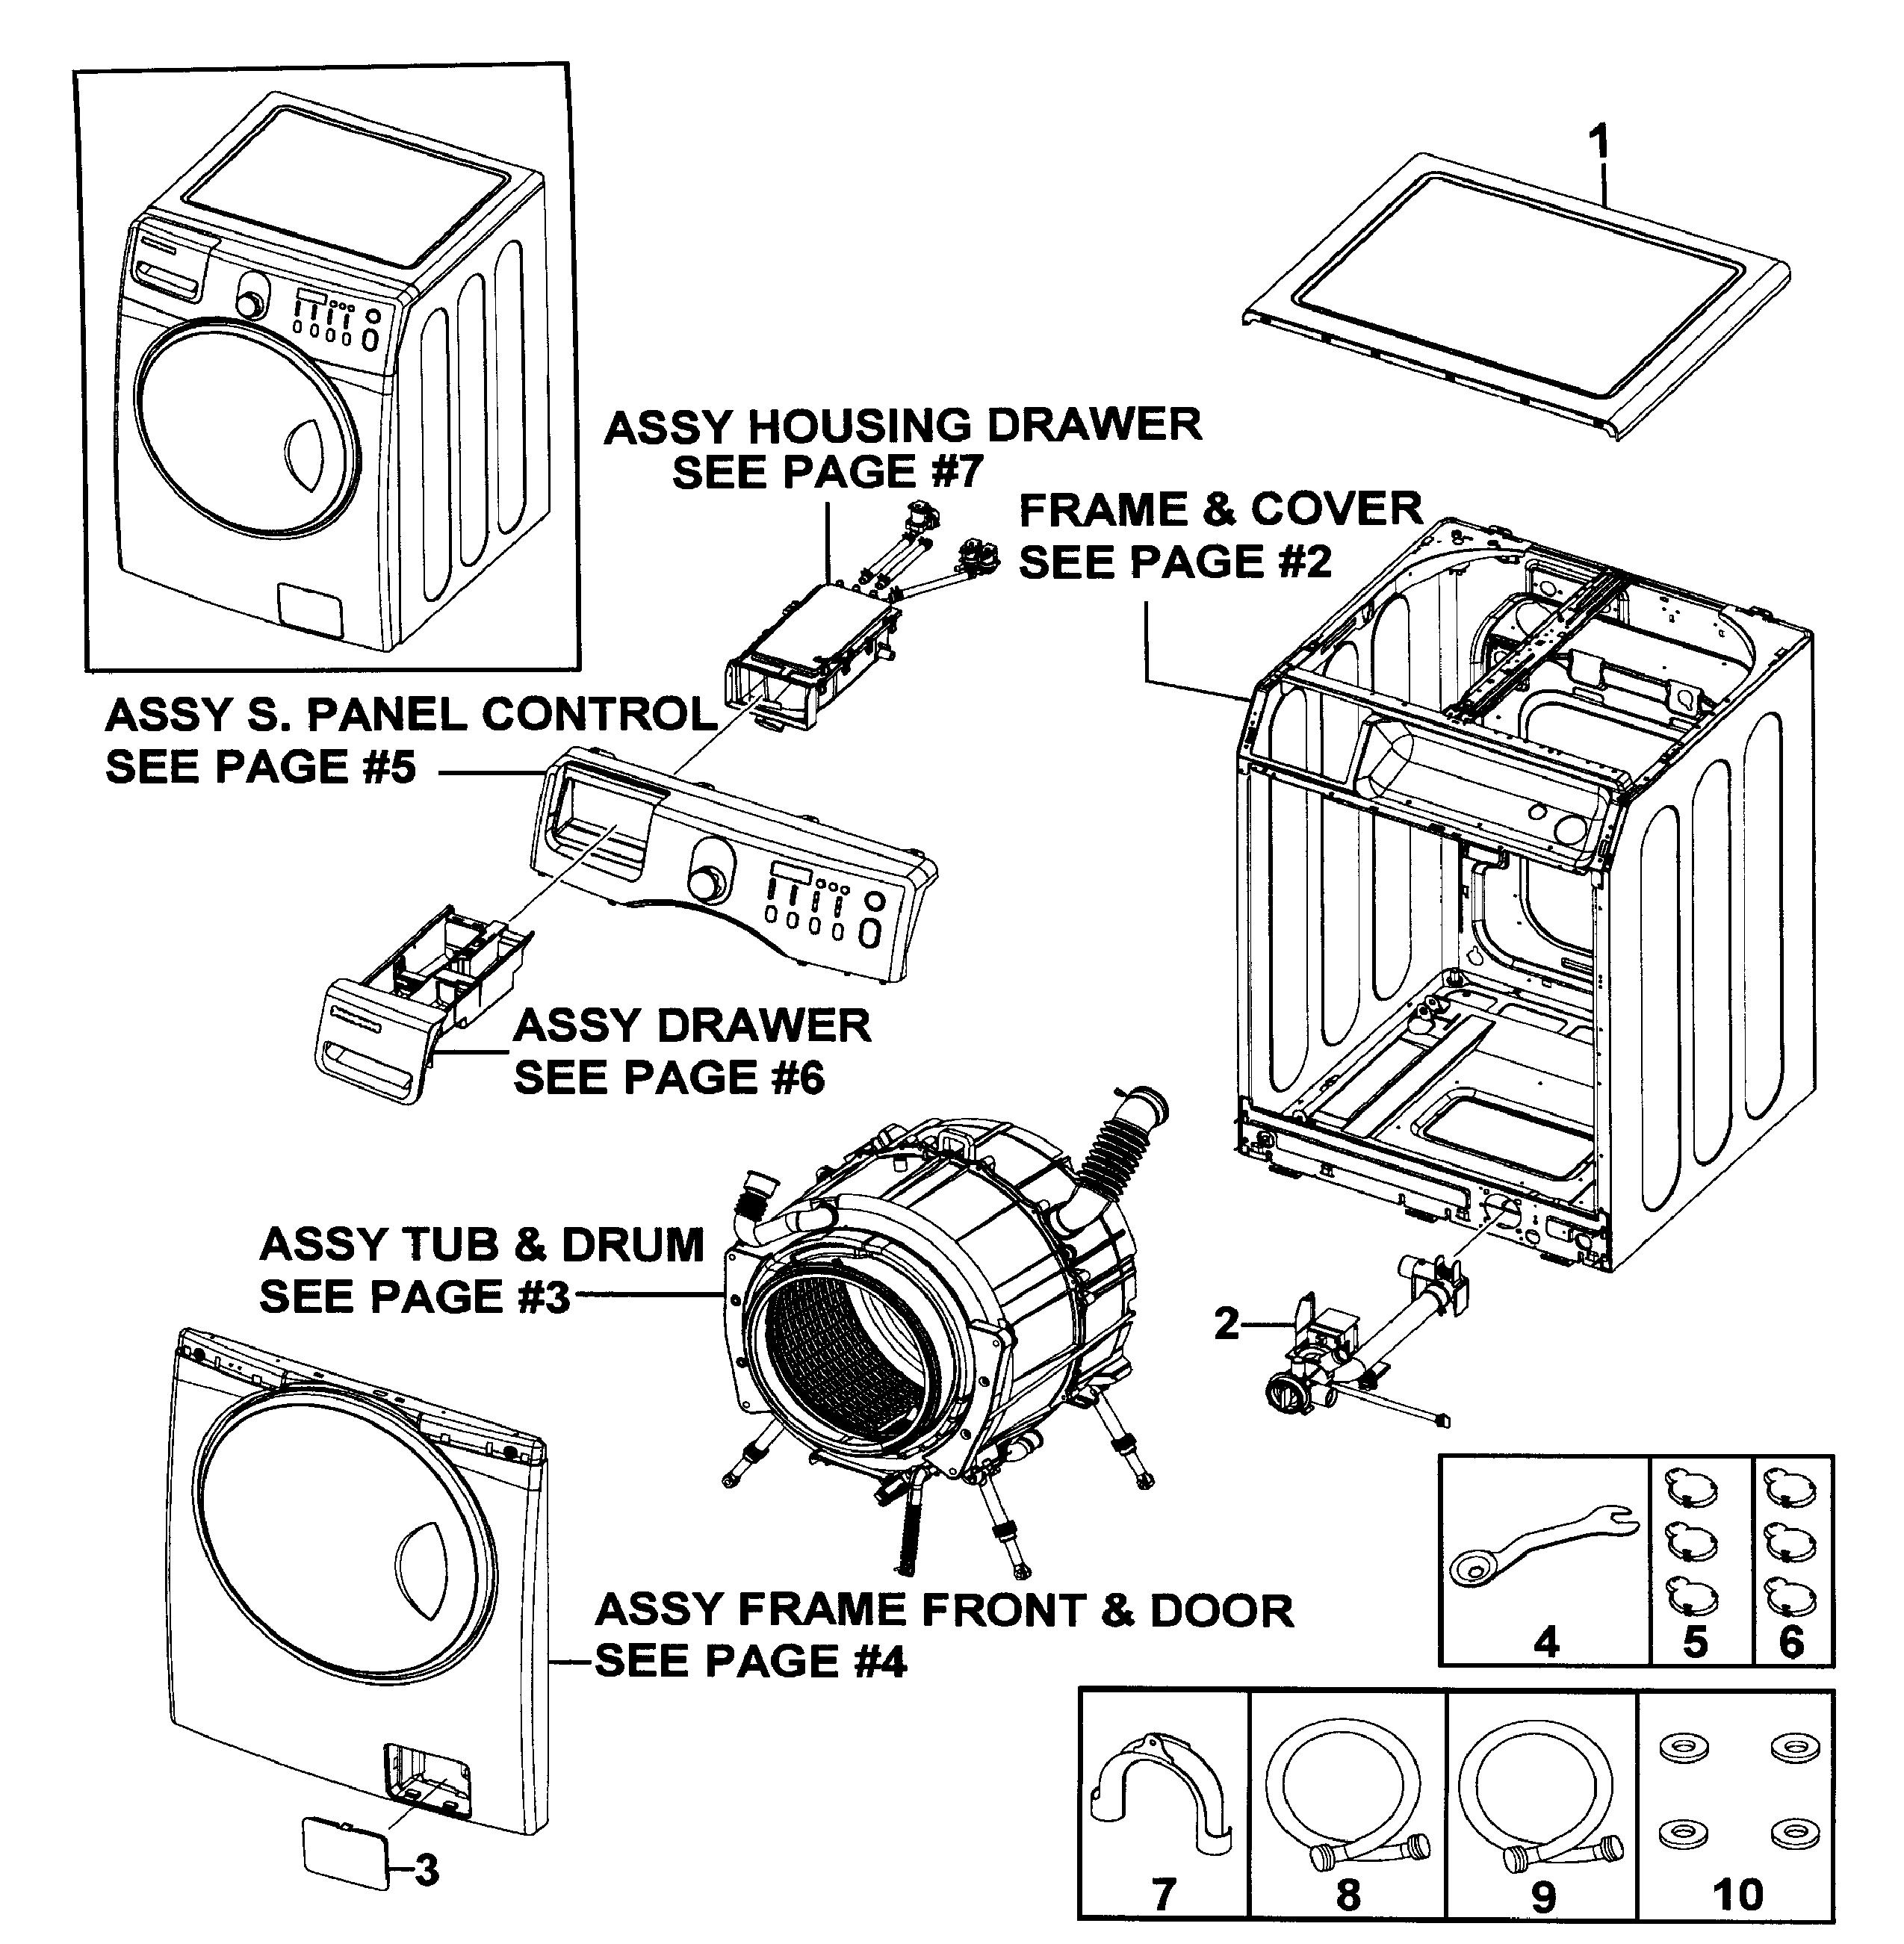 SAMSUNG WASHER Parts | Model WF219ANWXAA0000 | Sears ...